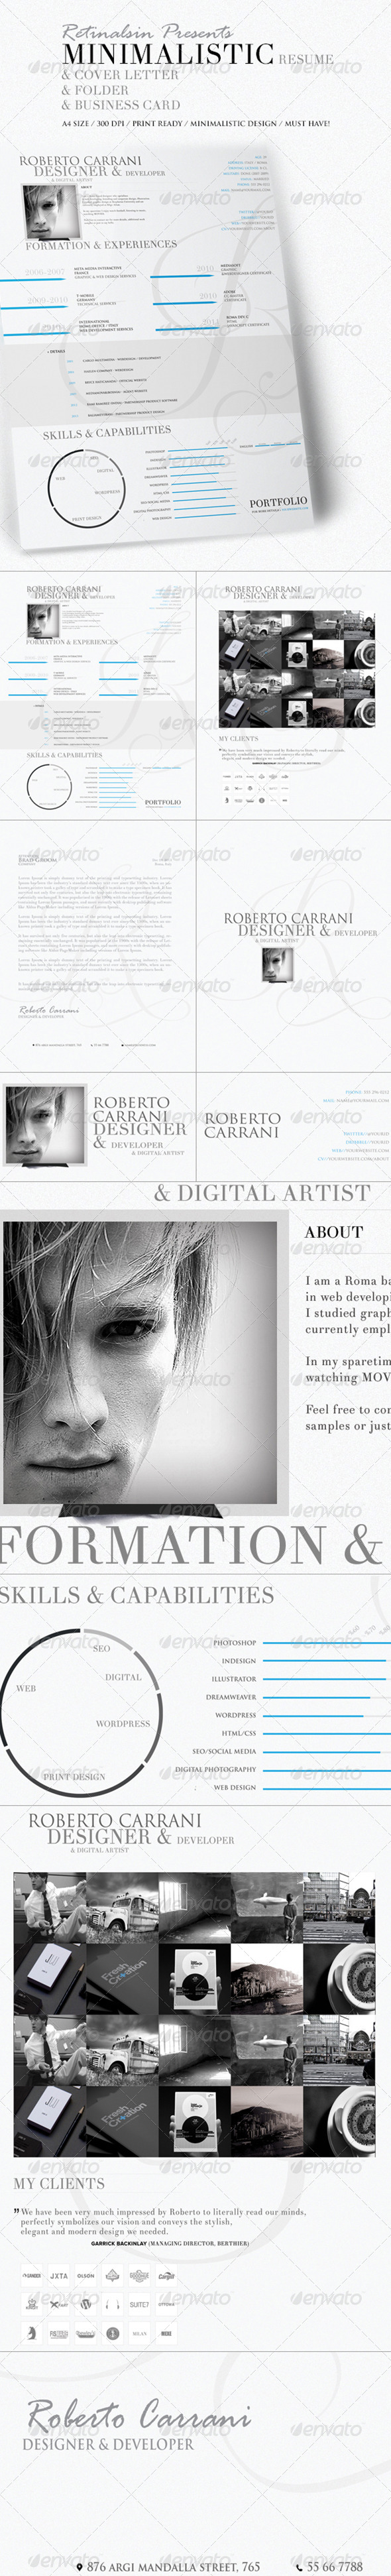 GraphicRiver Minimalistic Resume & Cover Letter 6436895